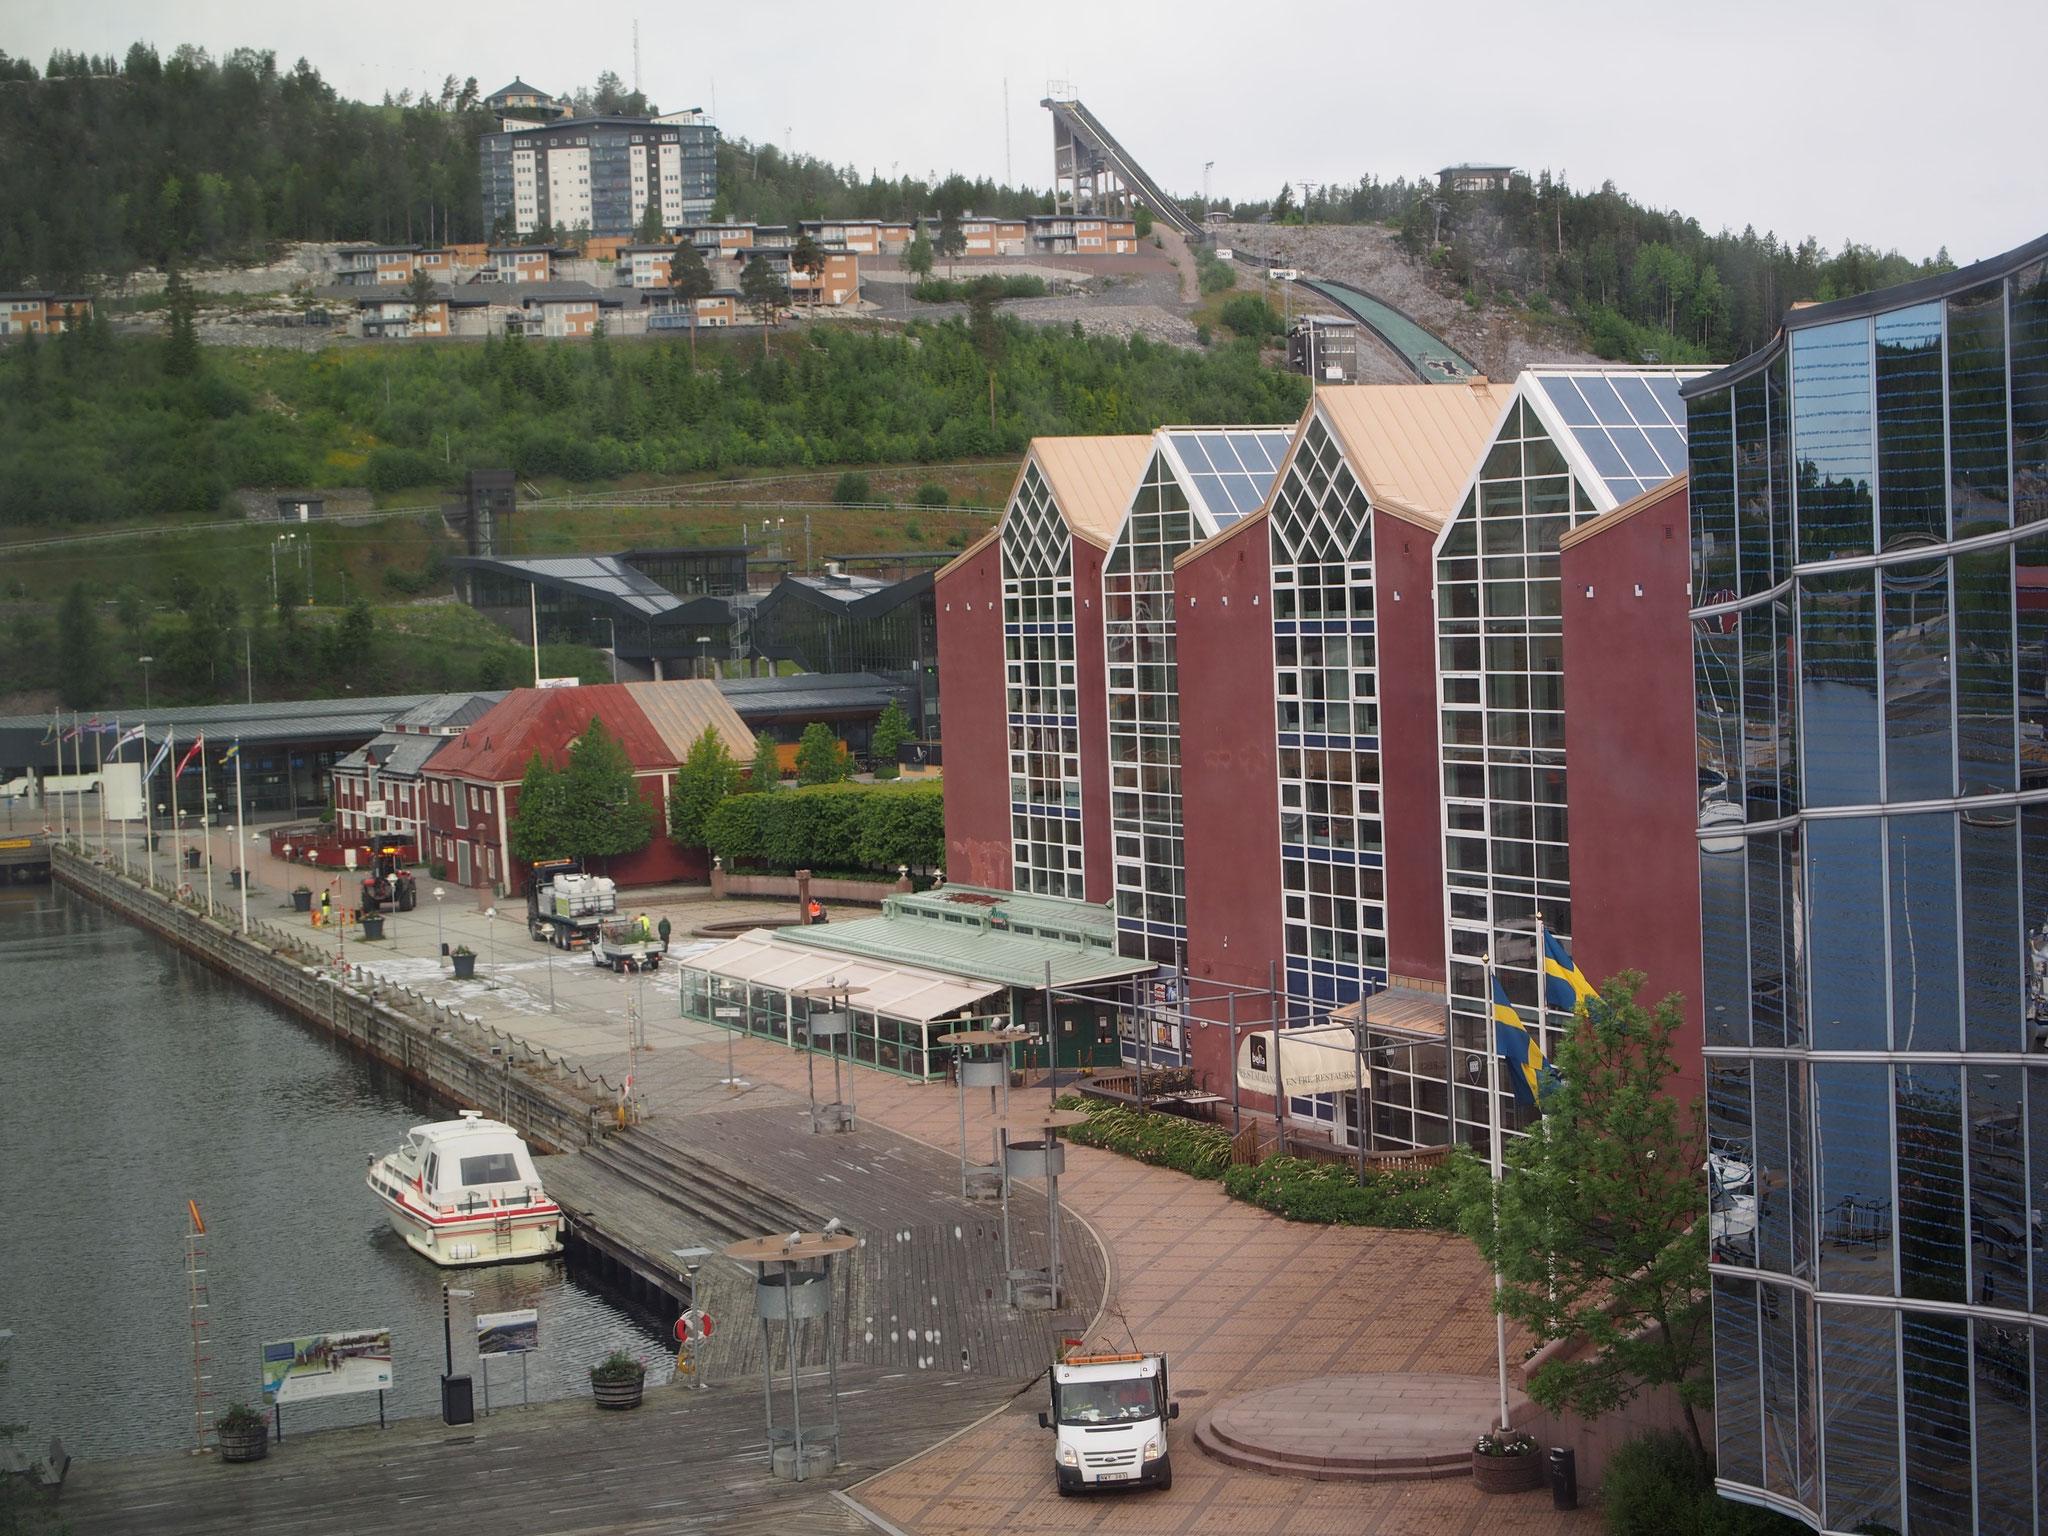 Schweden, Örnsköldsvik